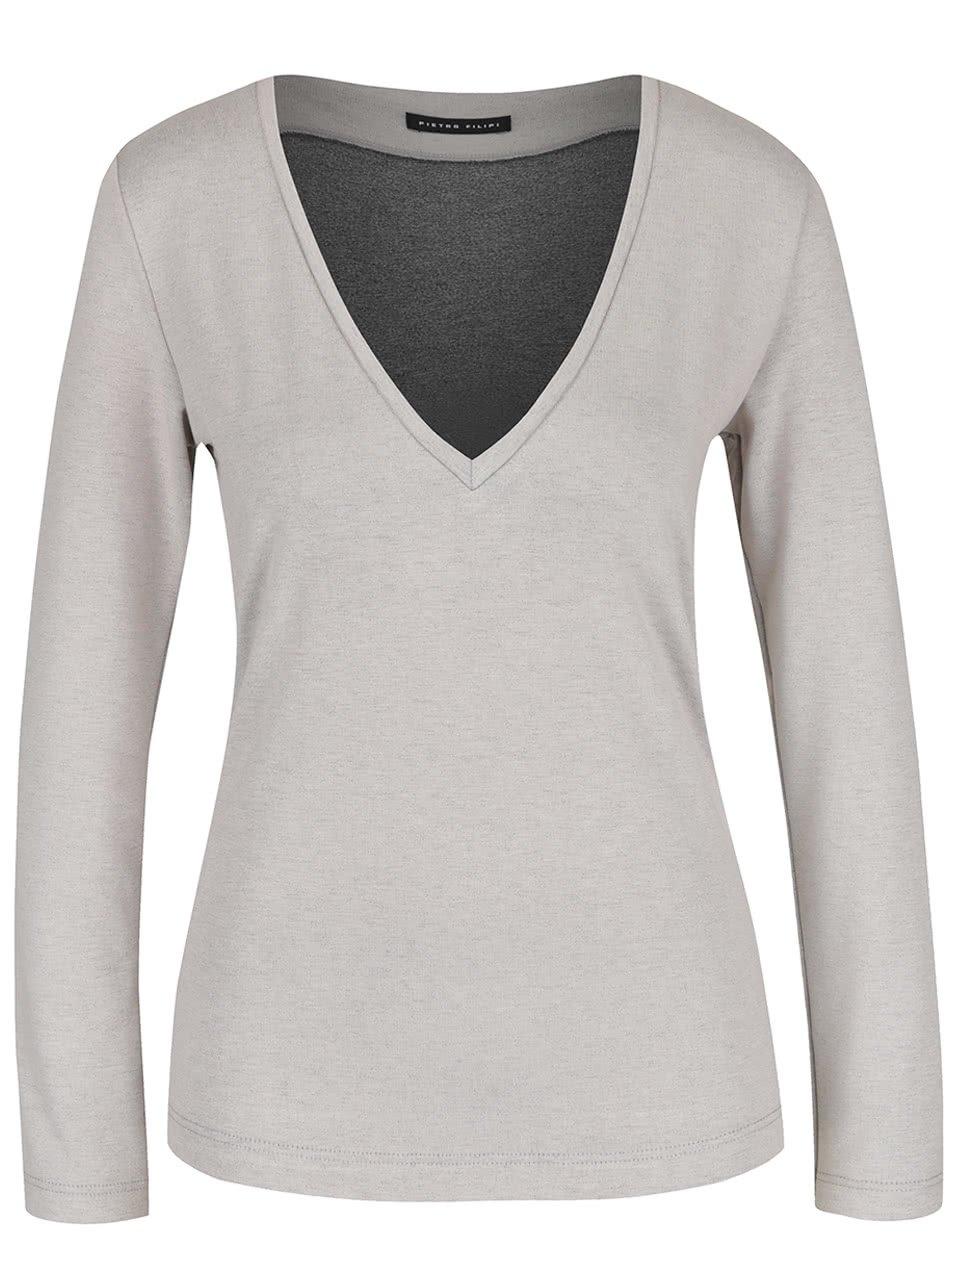 Světle šedé dámské tričko s průstřihy na rukávech Pietro Filipi